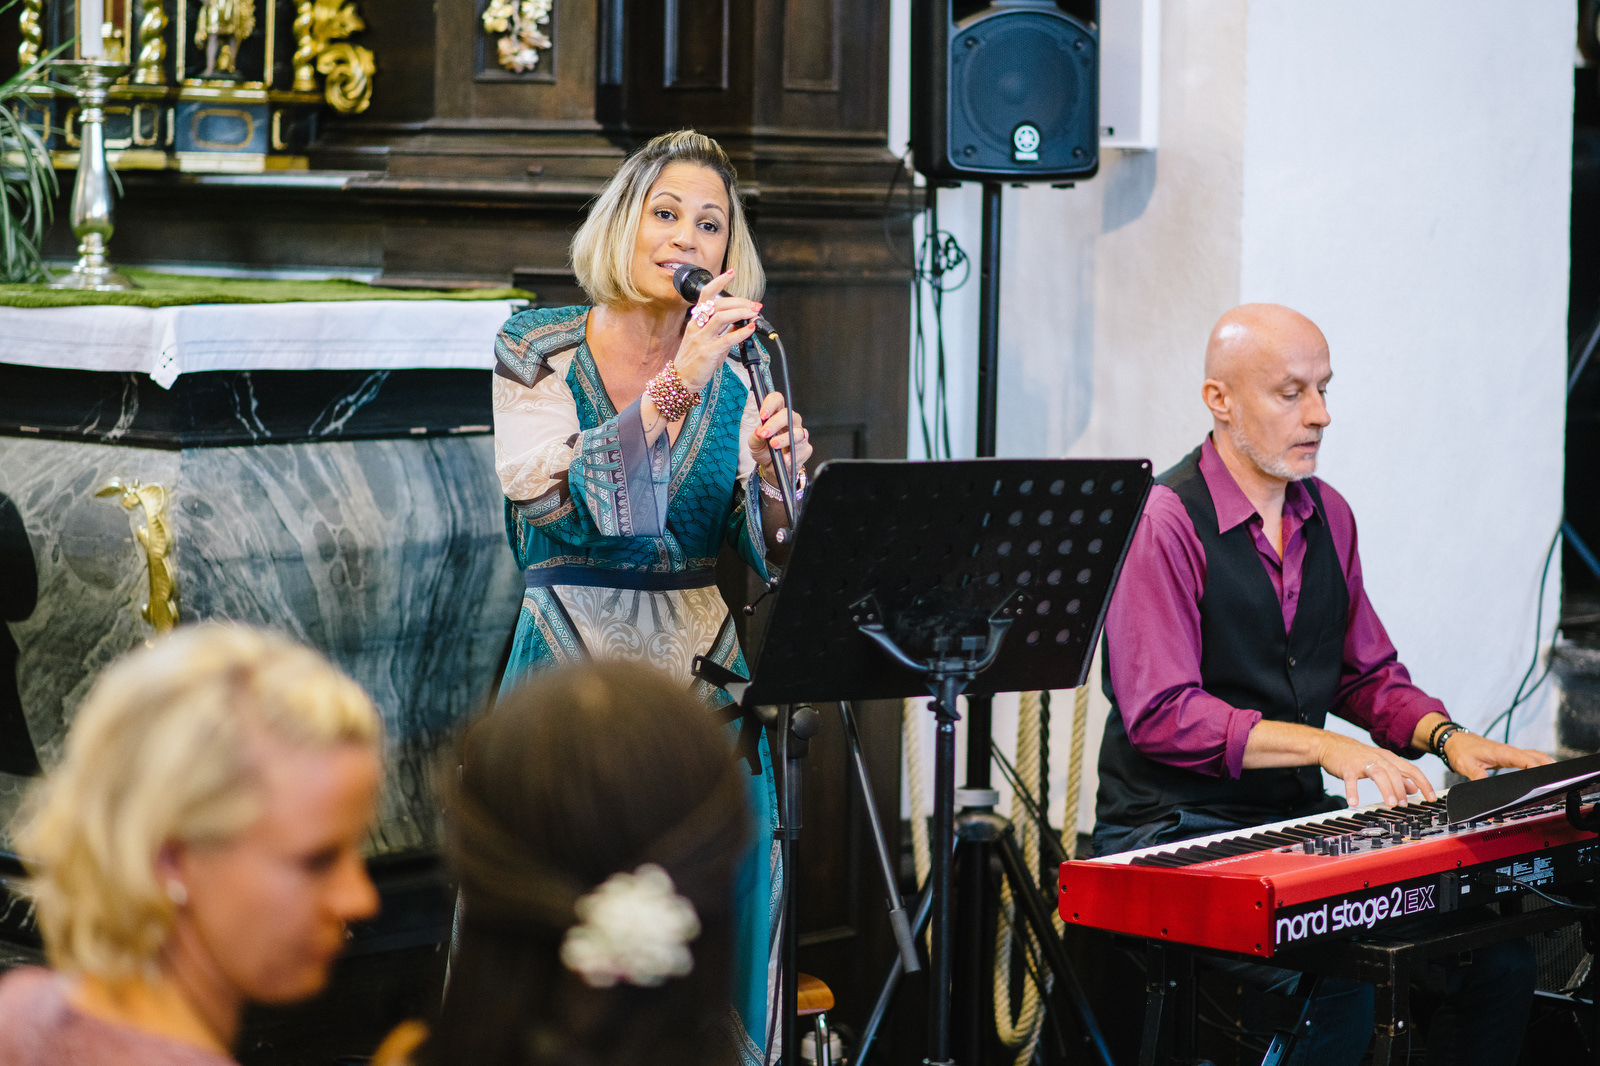 Fotograf Konstanz - Luxus Hochzeit Fotograf Grand Resort Bad Ragaz Schweiz Lichtenstein 063 - Destination wedding at the Grand Resort Bad Ragaz, Swiss  - 148 -